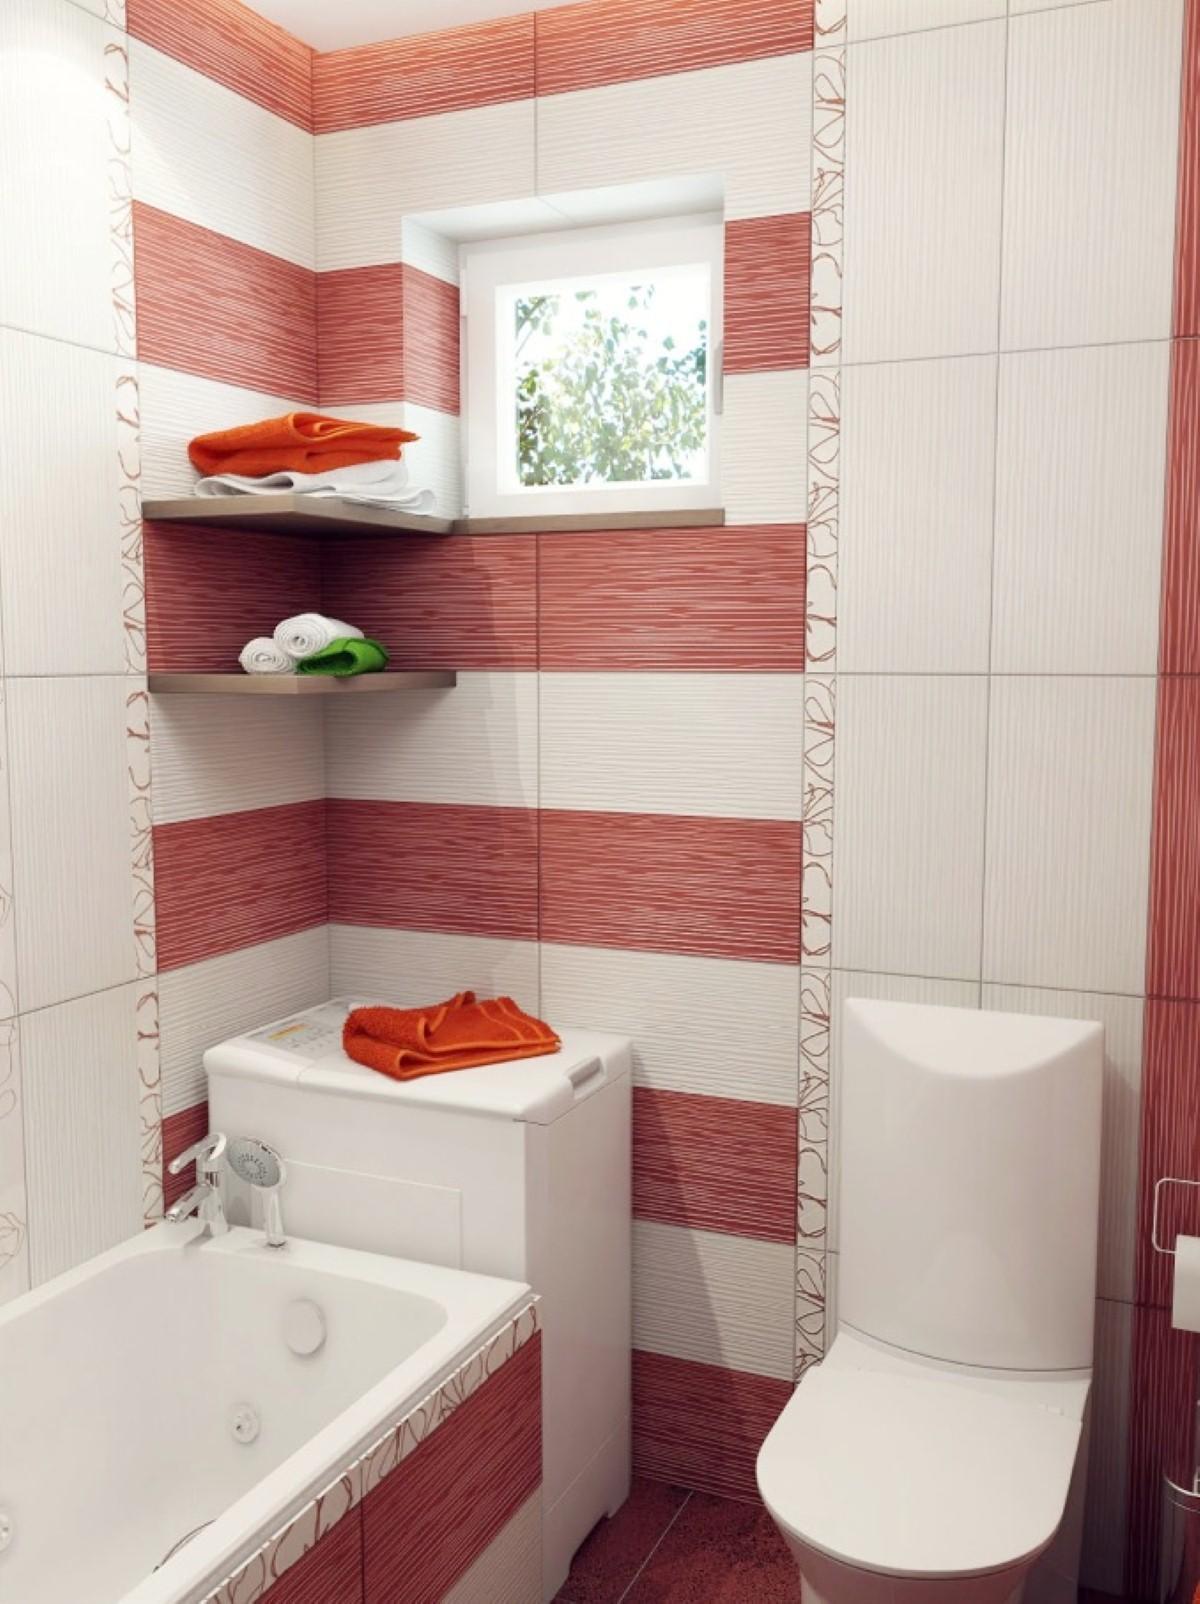 Секс в маленькой ванной комнате как быть 9 фотография